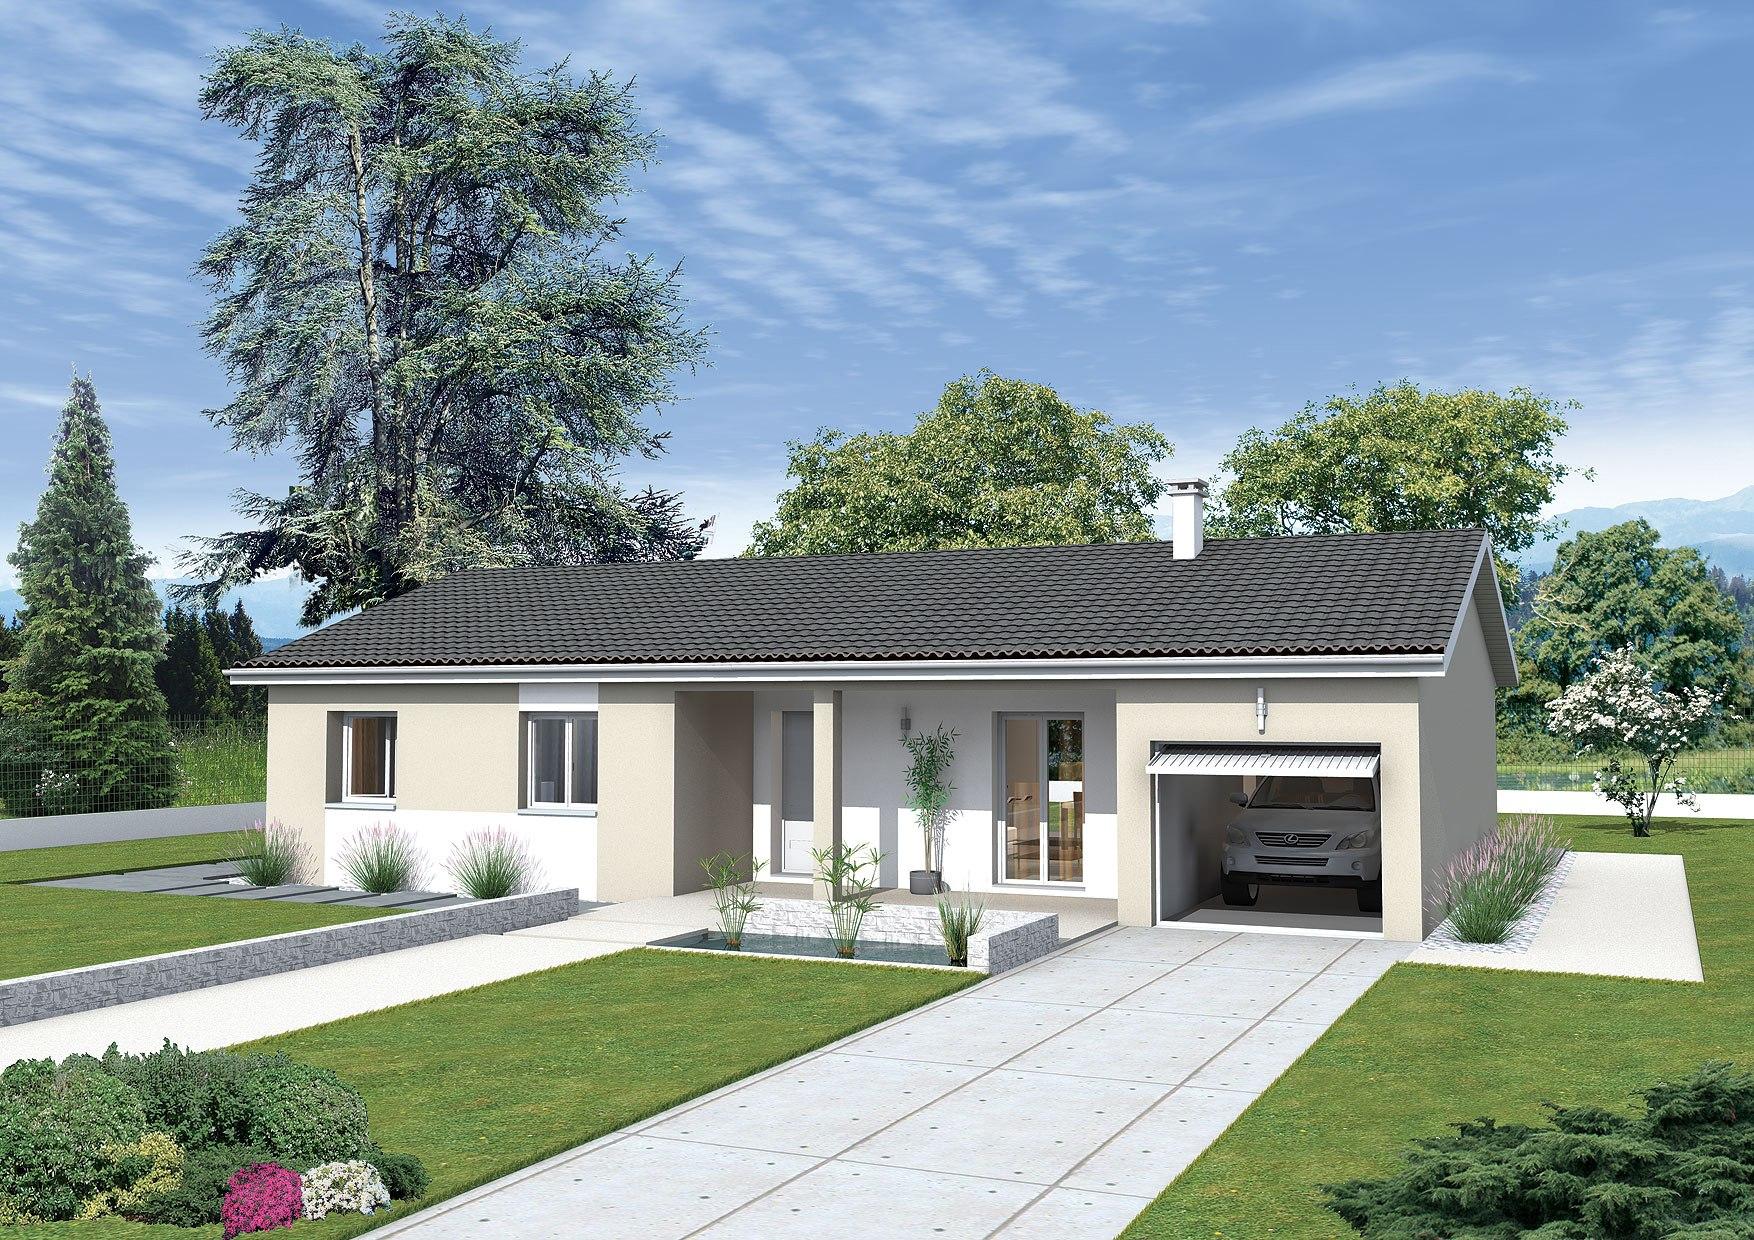 Maisons + Terrains du constructeur MAISONS PUNCH BOURGOIN • 85 m² • MONTAGNIEU